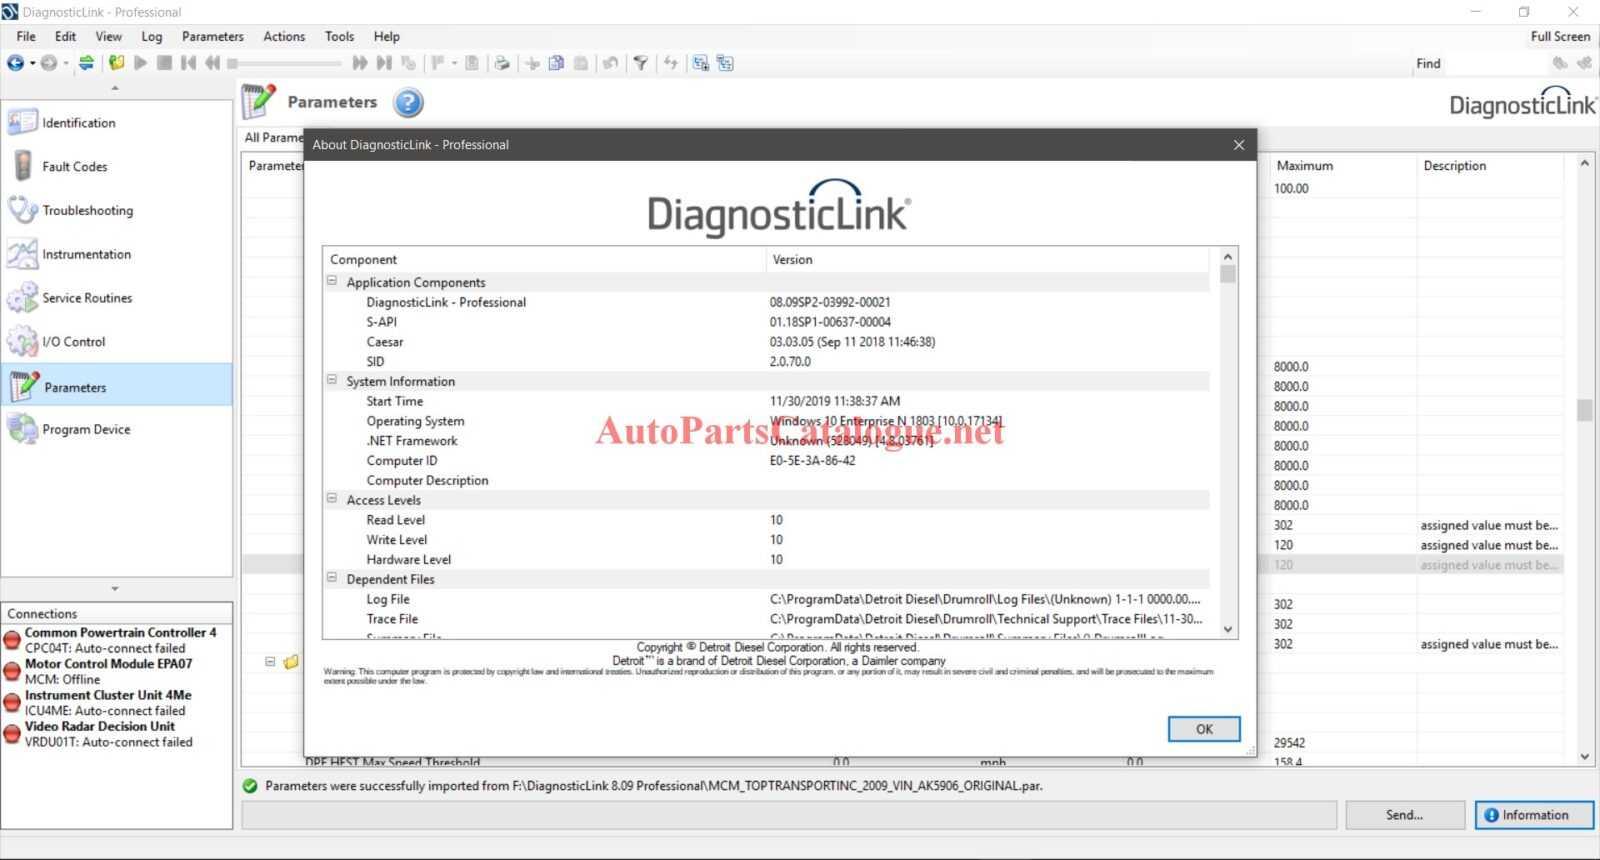 Detroit Diesel Diagnostic Link (DDDL)